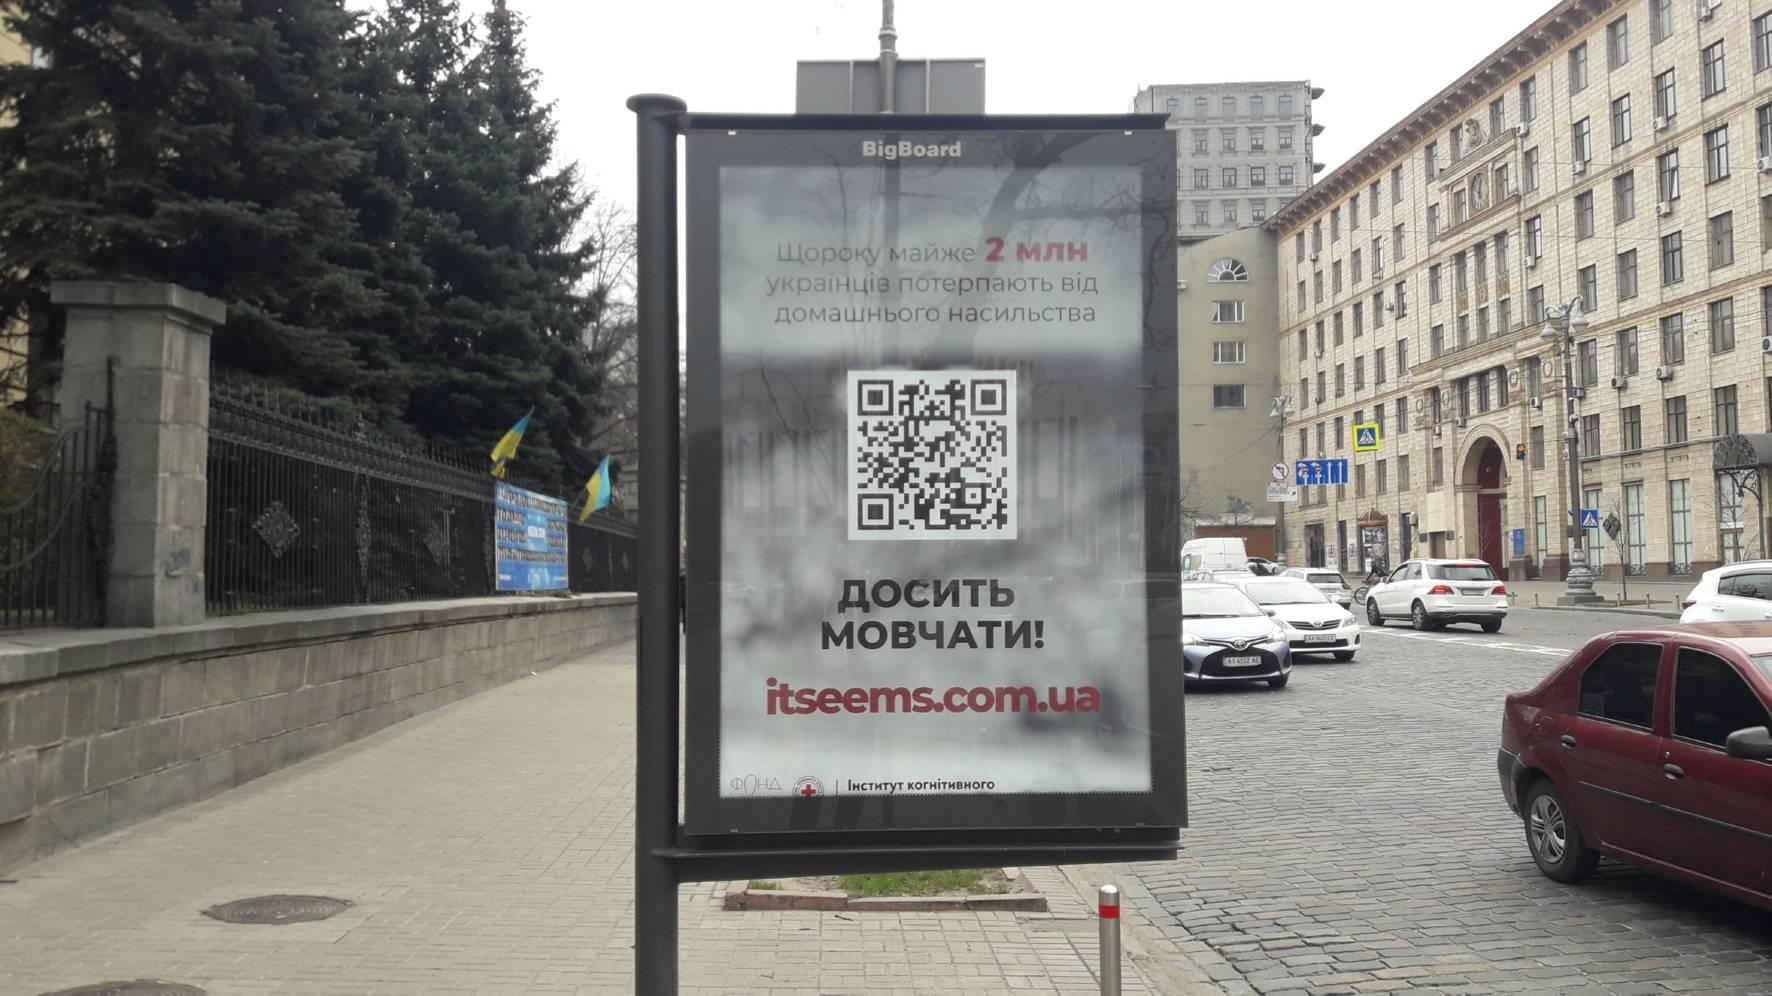 Stop Abuse: в Україні з'явився вайбер-канал для боротьби з домашнім насильством - фото №4